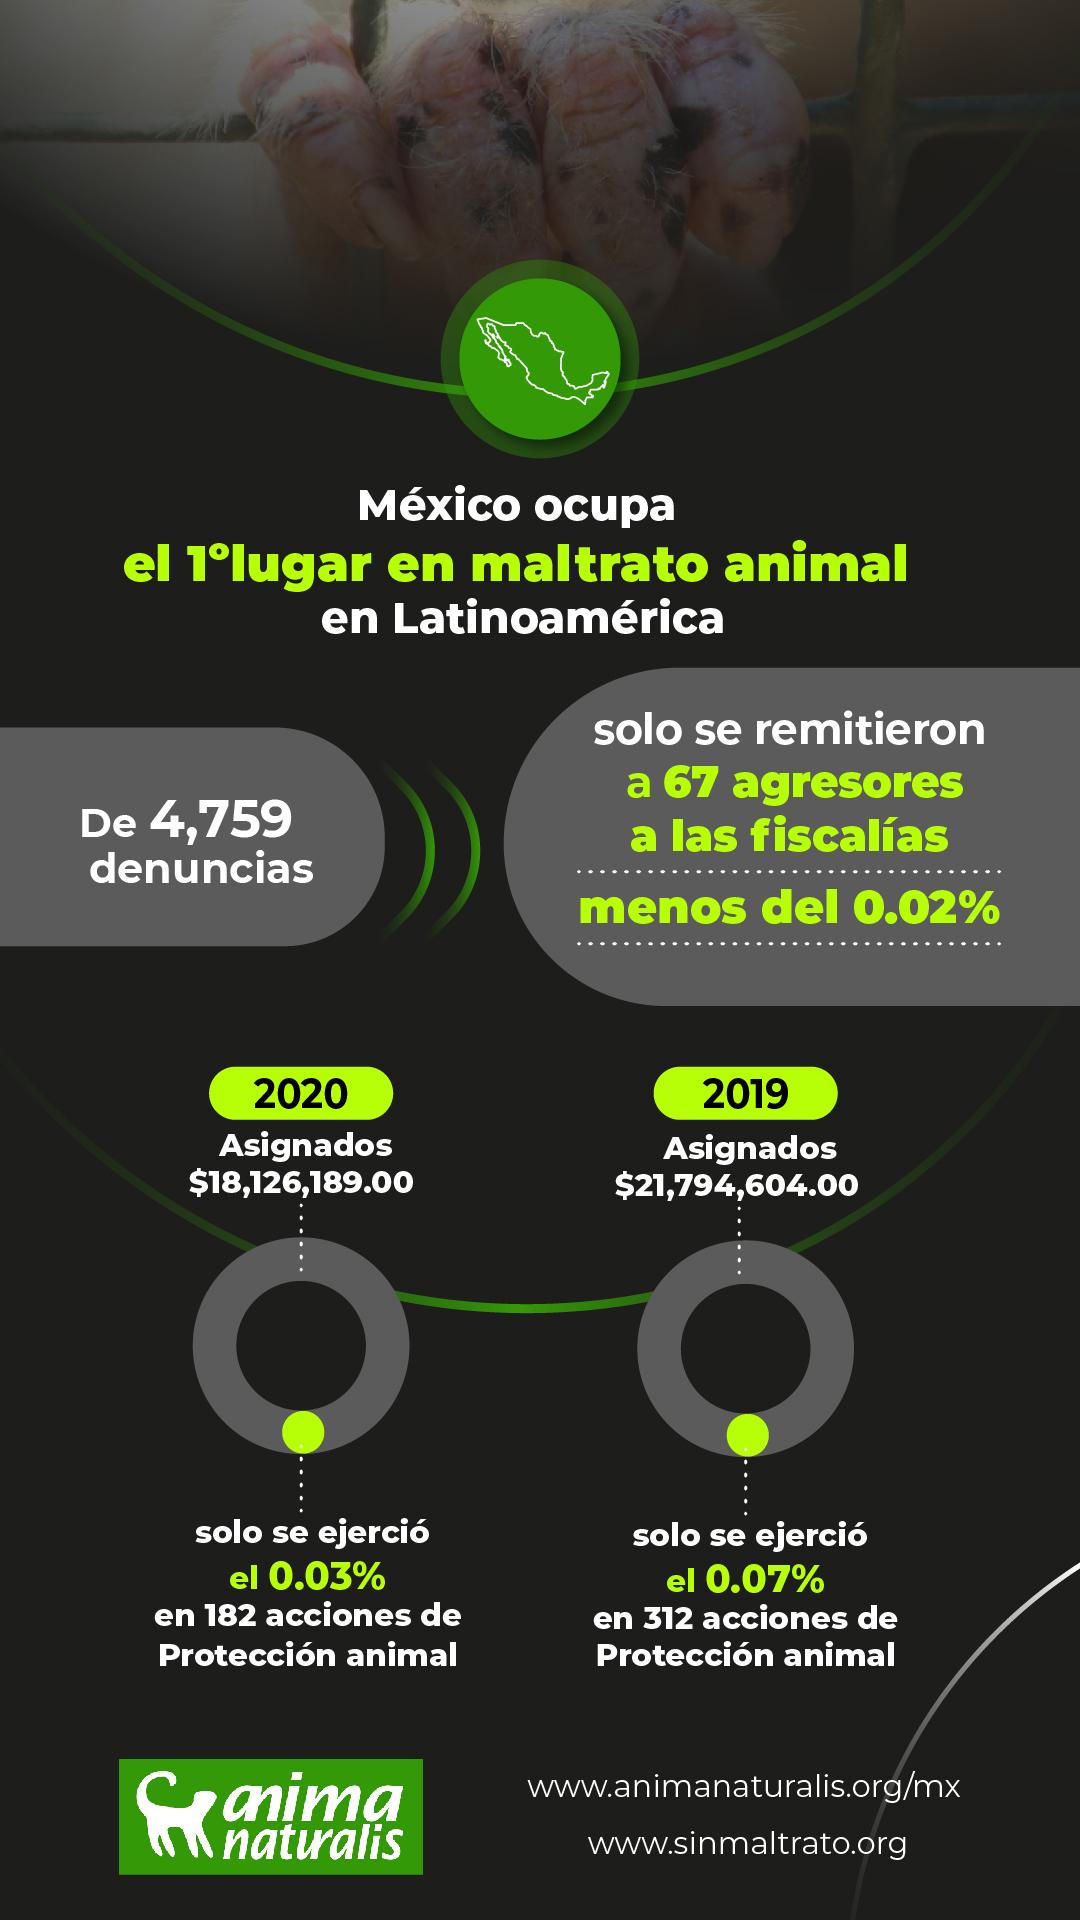 México: en el primer lugar de maltrato animal